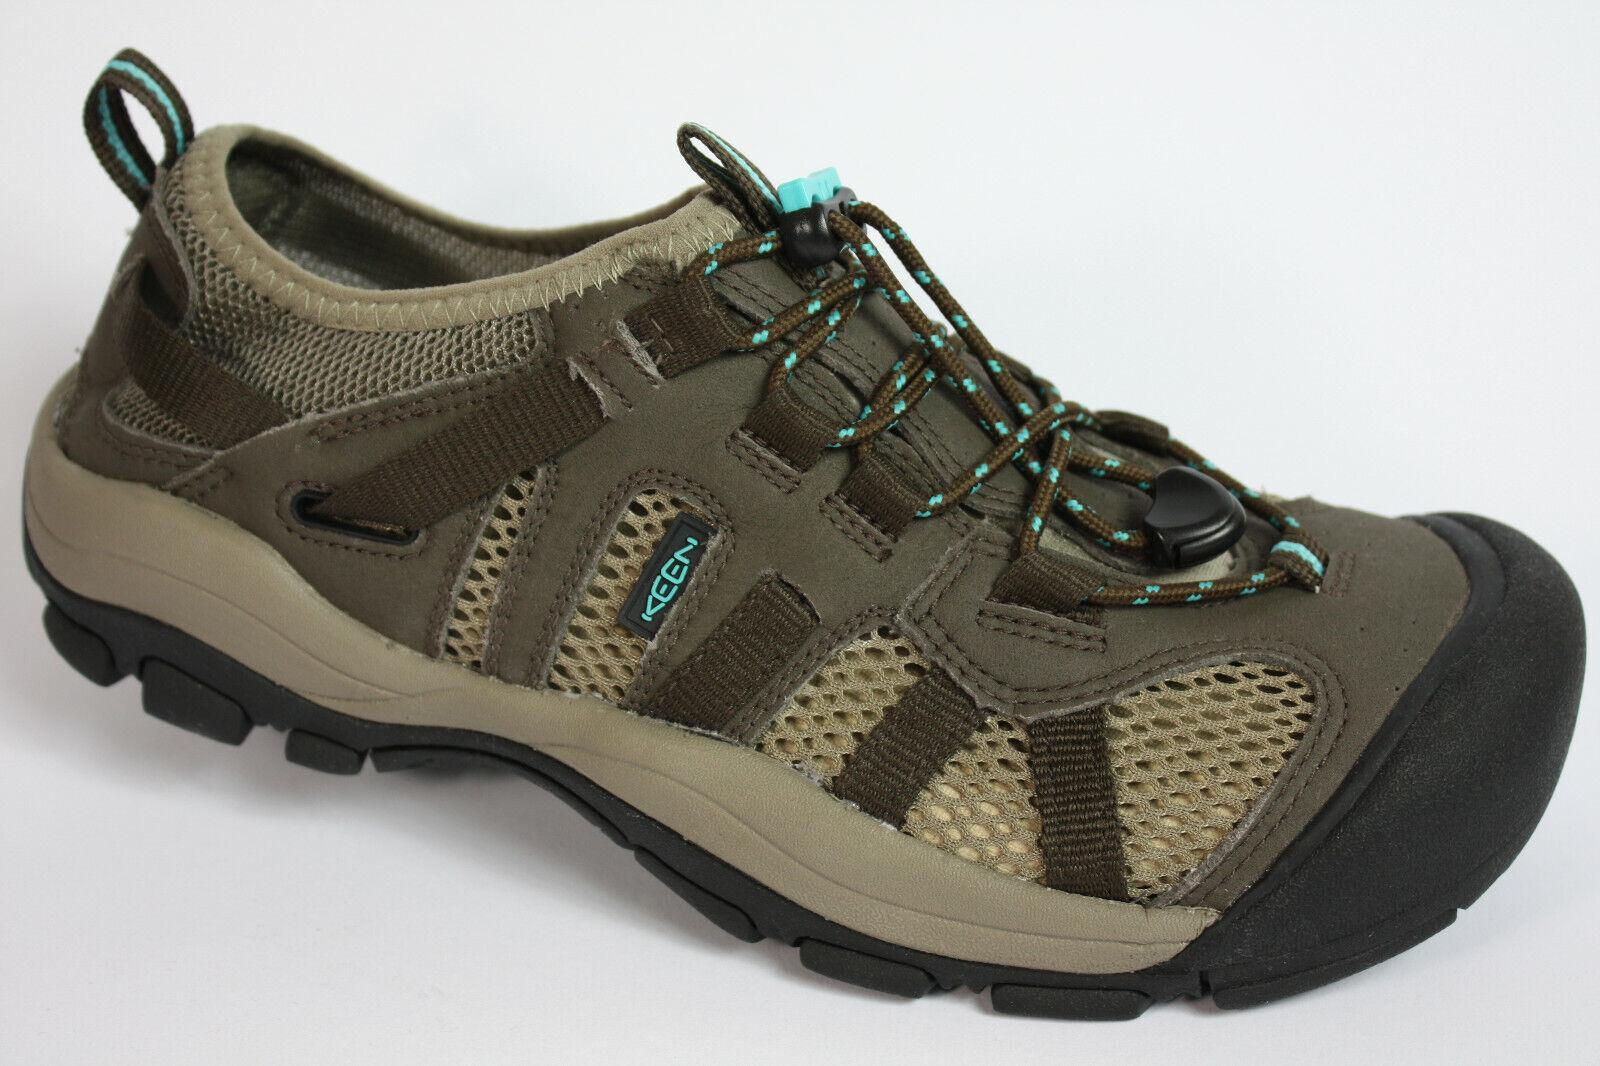 Keen señora senderismo sandalias zapatos mckenzie marrón NUEVO